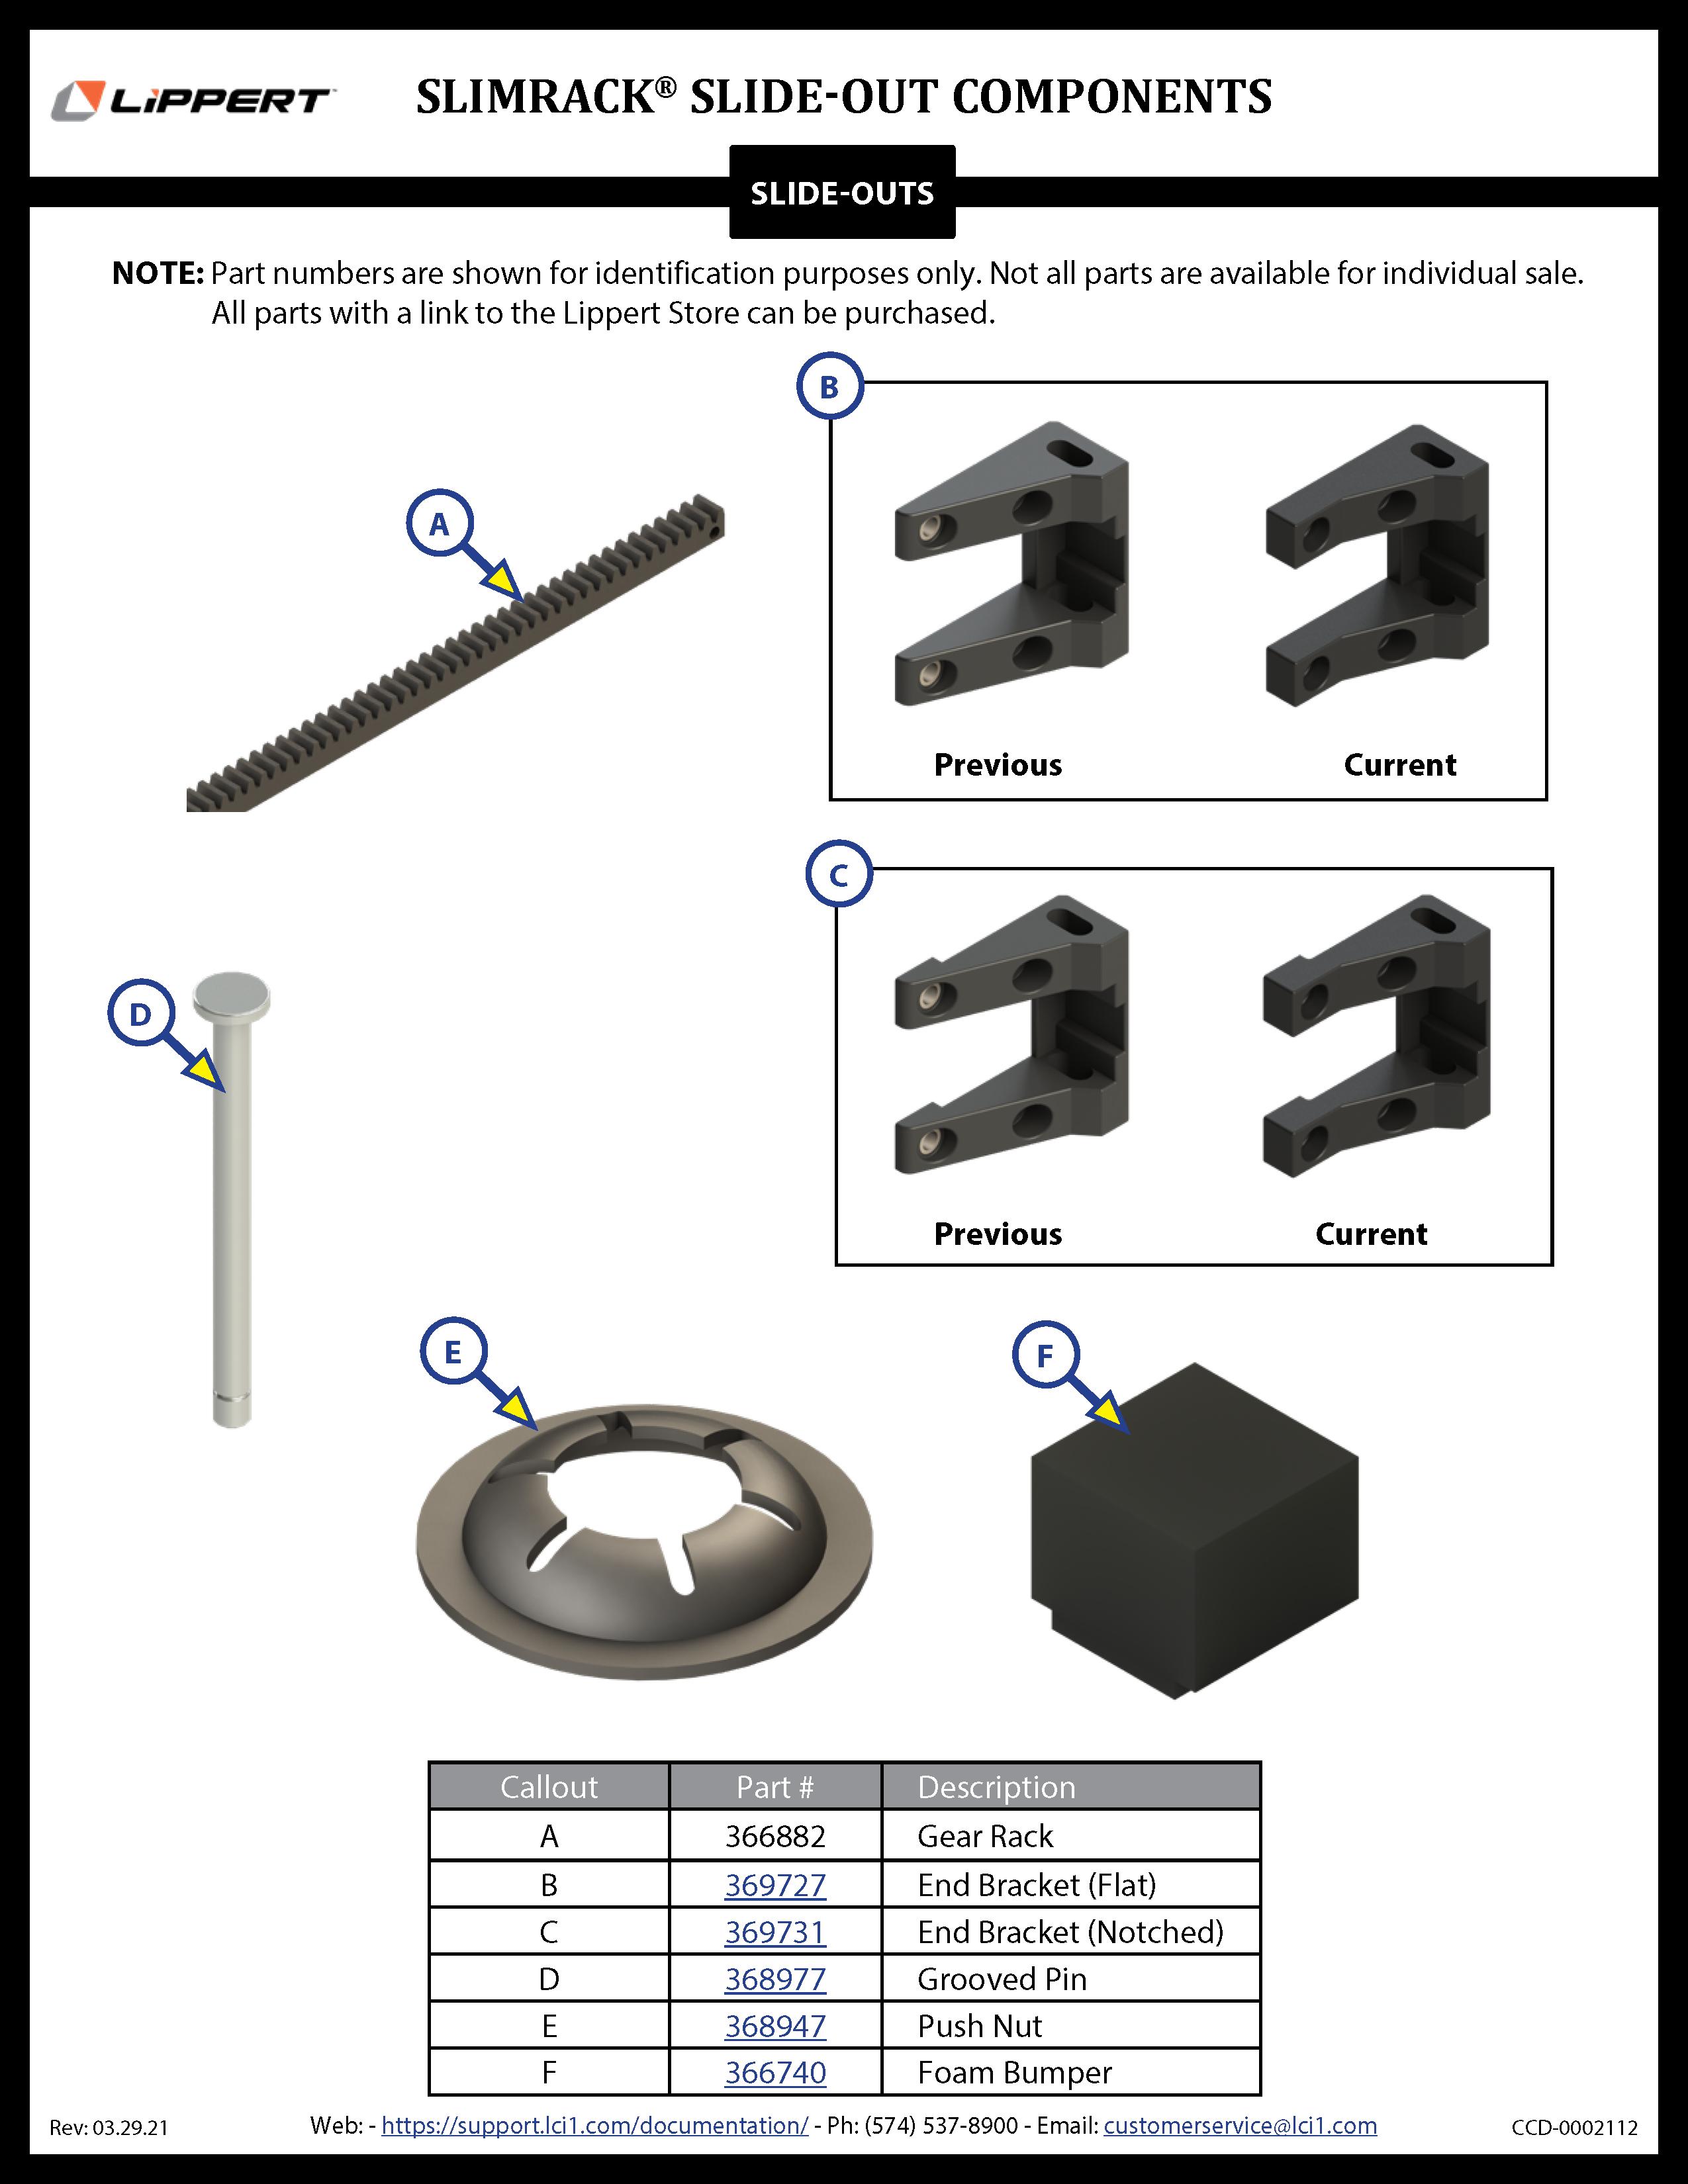 SlimRack® Slide-Out Components